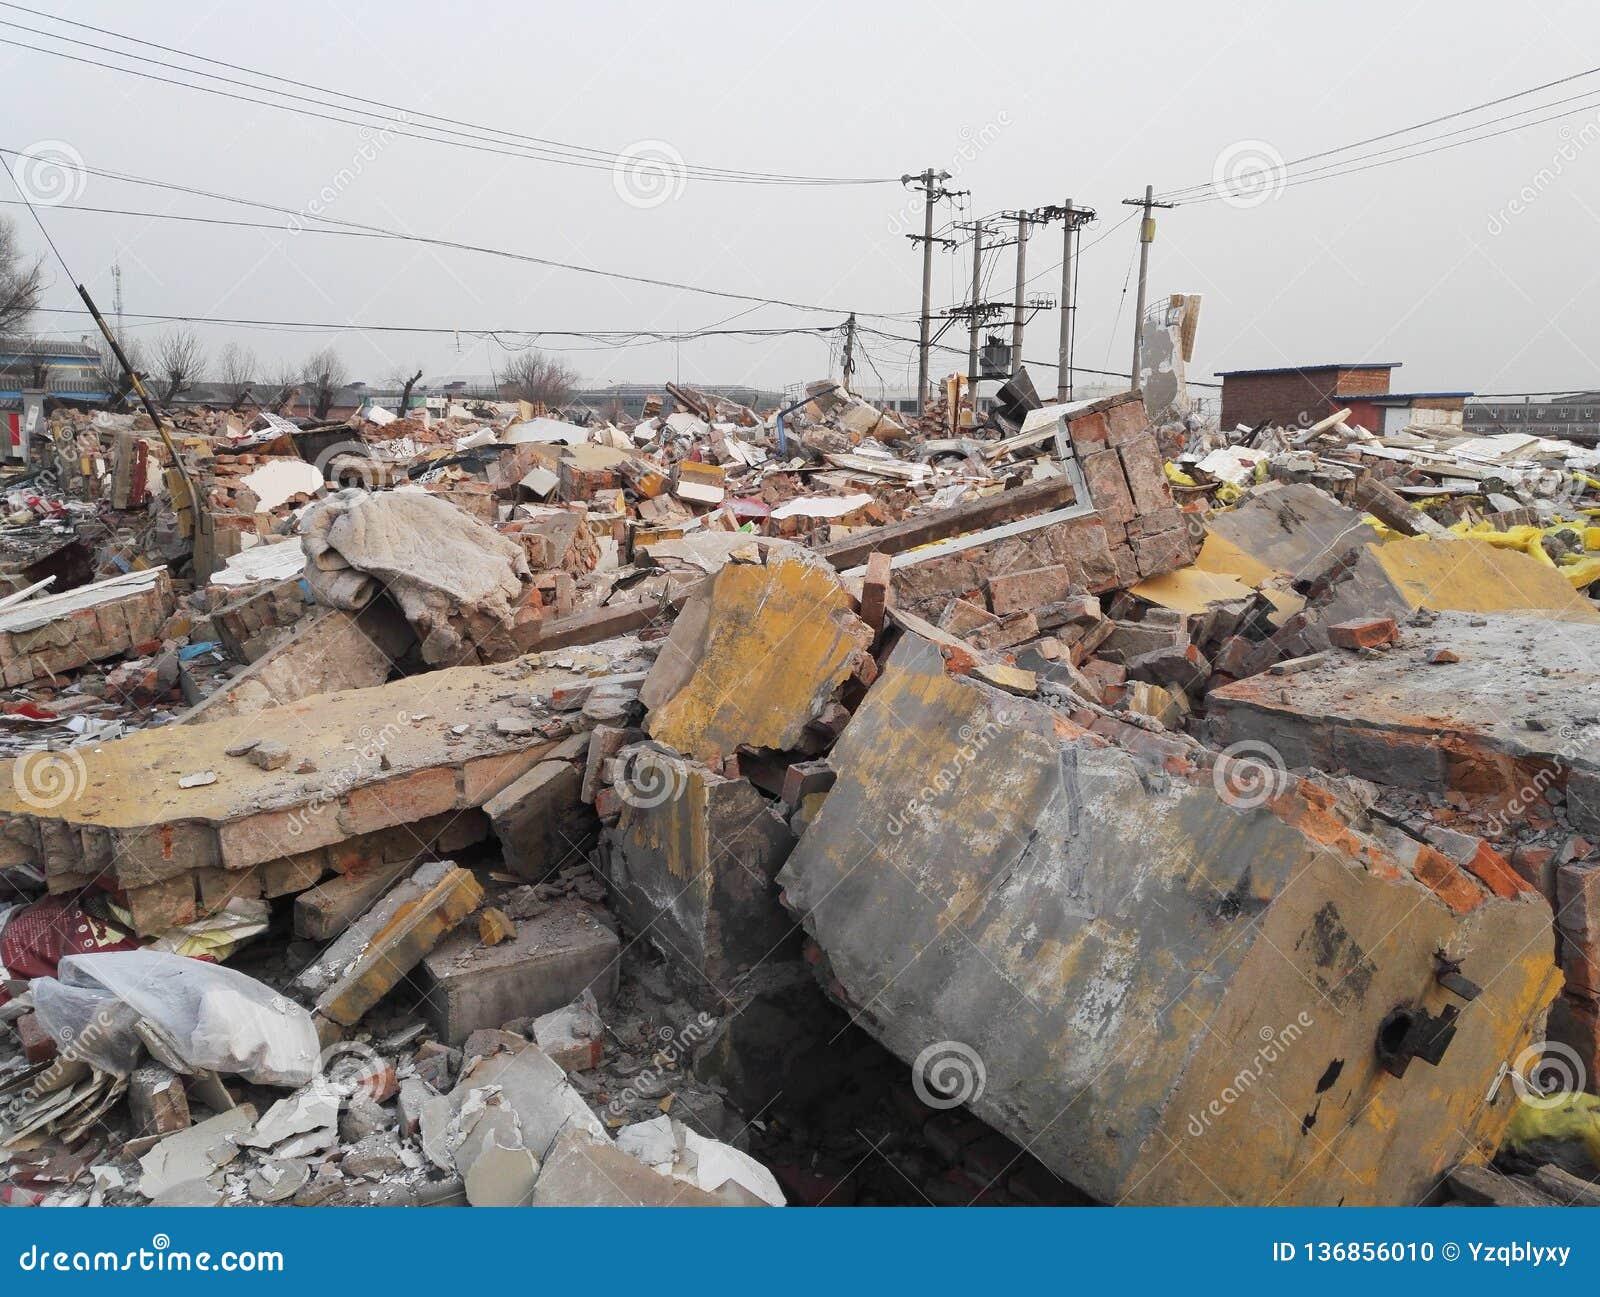 Κτήρια, κατεδάφιση, σεισμός, πόλεμος ή φυσική καταστροφή